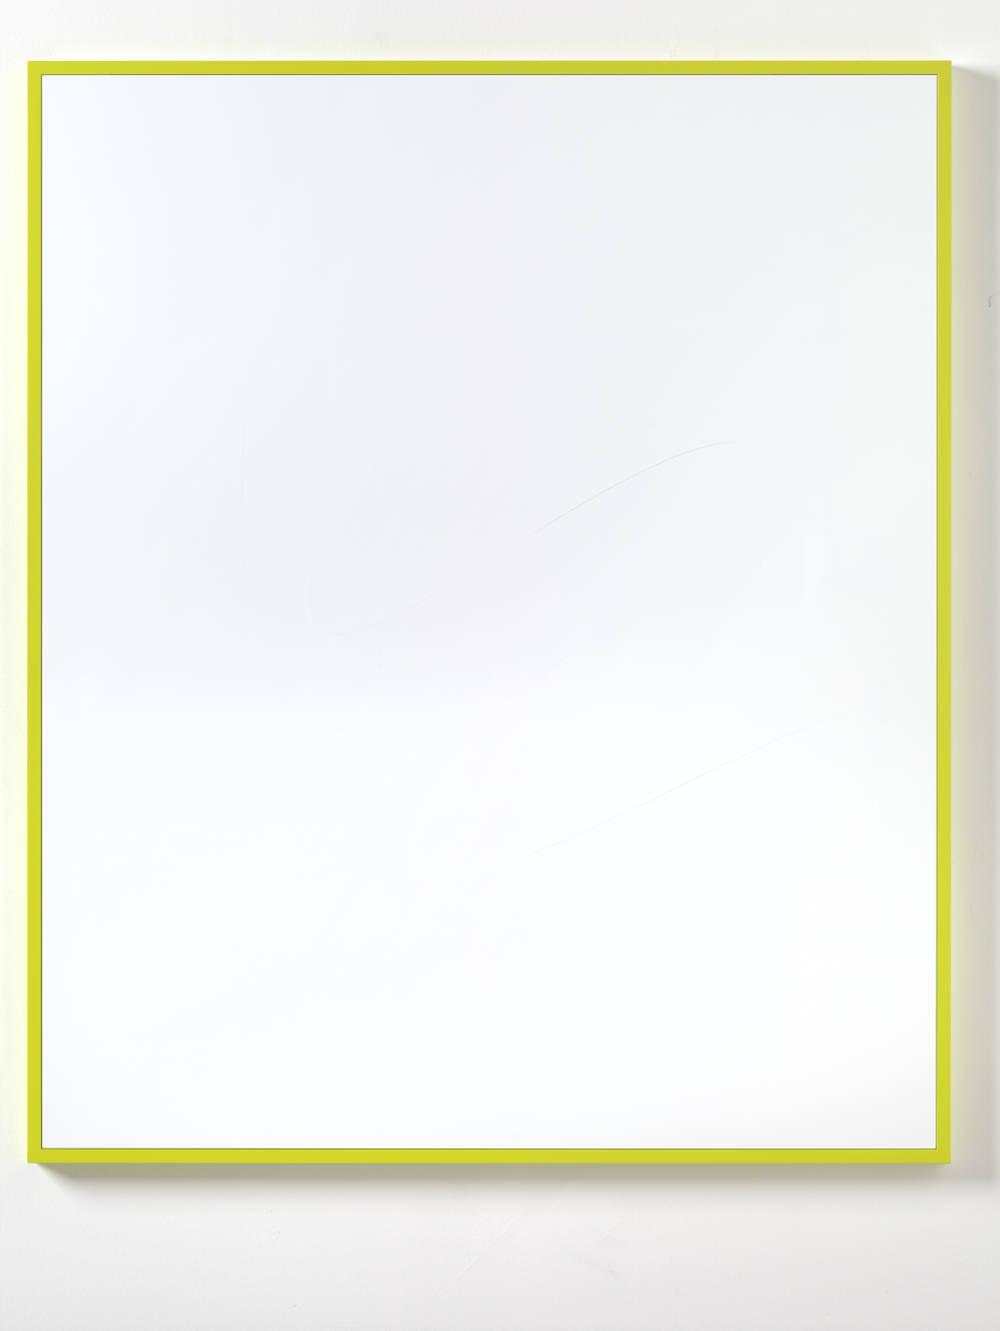 Gerwald Rockenschaub, Untitled (Intarsie), 2018. Acrylglas, Rahmen NCS S 0575-G70Y 150 x 125 cm (59,06 x 49,21 in) Courtesy Galerie Thaddaeus Ropac, London / Paris / Salzburg © Gerwald Rockenschaub. Photo: Ben Westoby